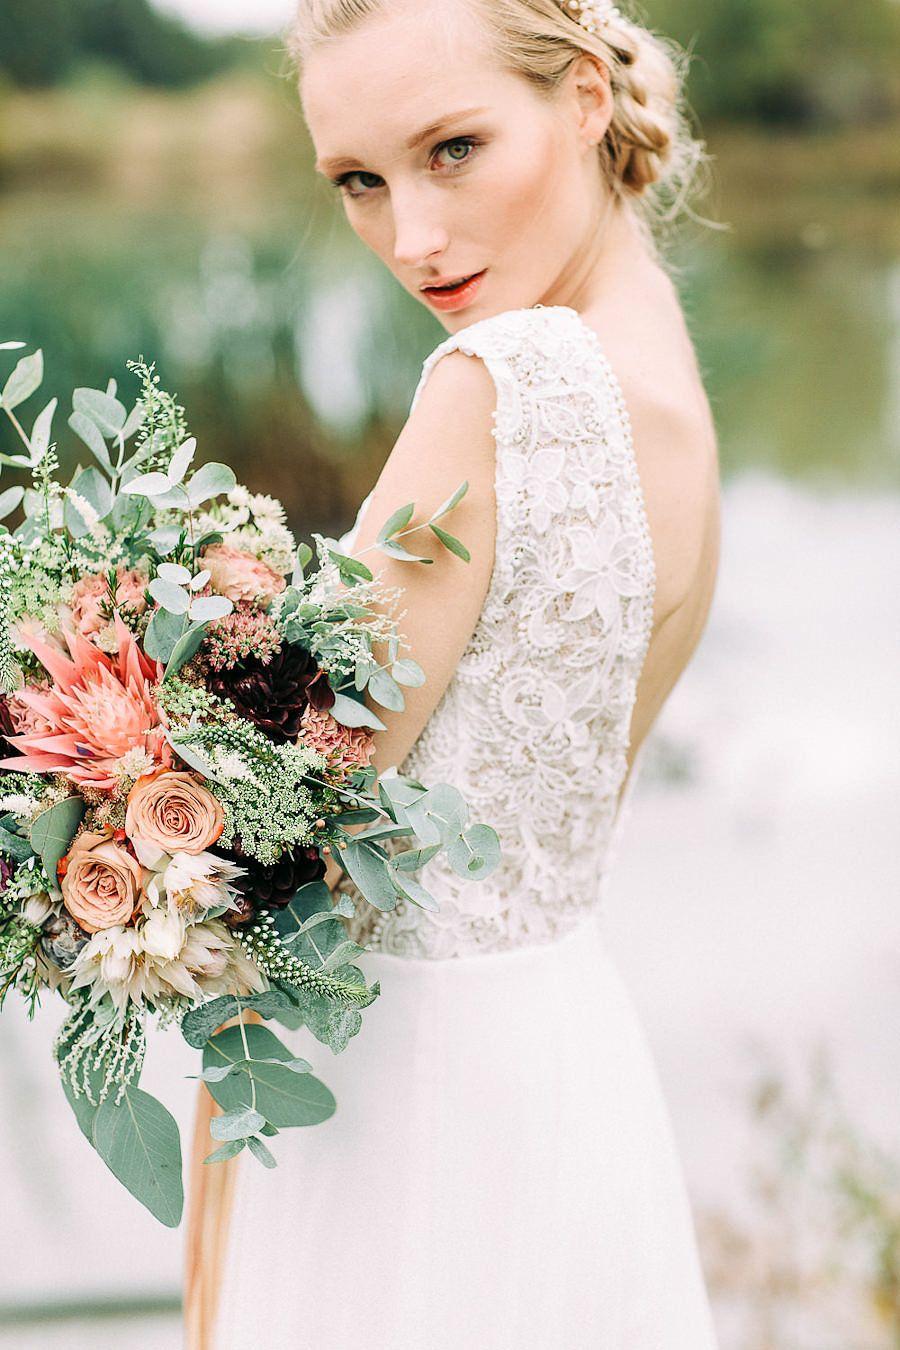 PetraVeikkola_Tuorla_styledshoot(21of192)  / Pictures, Petra Veikkola  // Wedding Dresses, Pukuni //  Hair adornments, Aino // Makeup, me // Models, Wilma Yläjärvi & Mirkka Könnö // Hair, Hanna Julku // Flowers, KukkaFiori )http://monasdailystyle.fitfashion.fi/2016/06/08/wedding-beauty-tips/